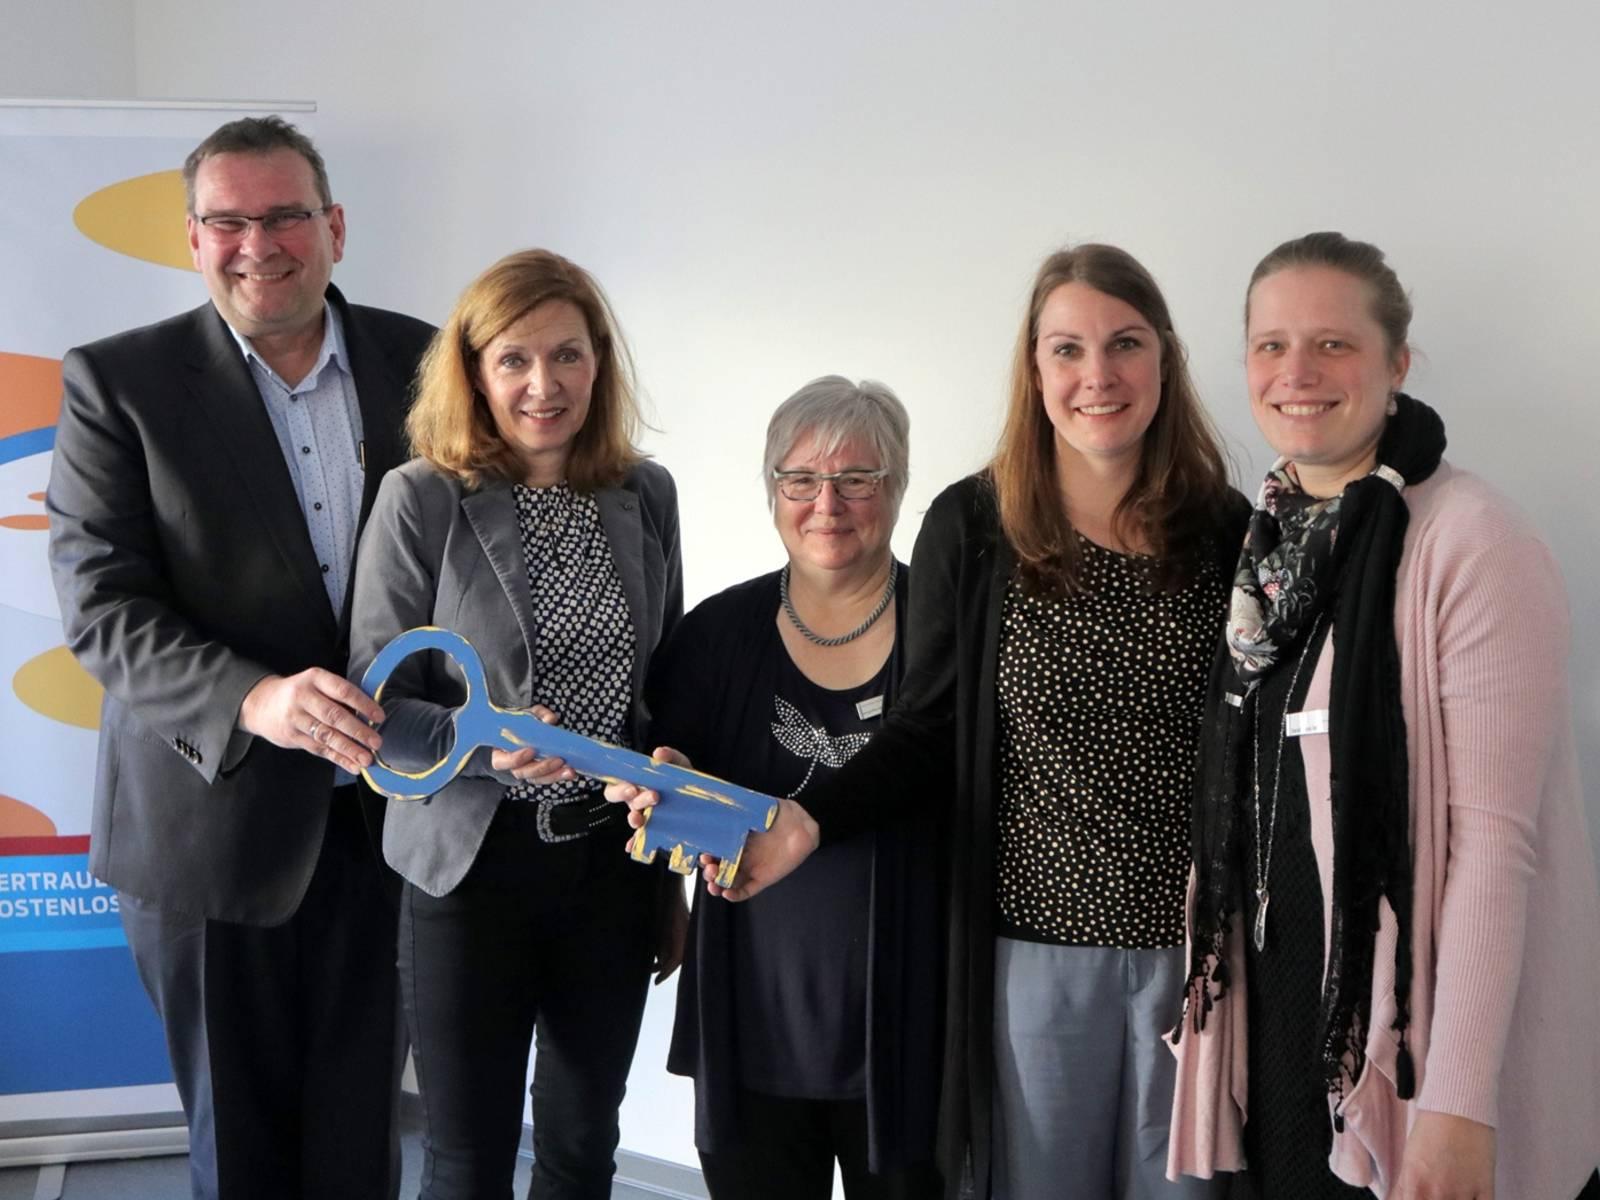 Vier Frauen und ein Mann übergeben einander einen überdimensionalen blauen Schlüssel